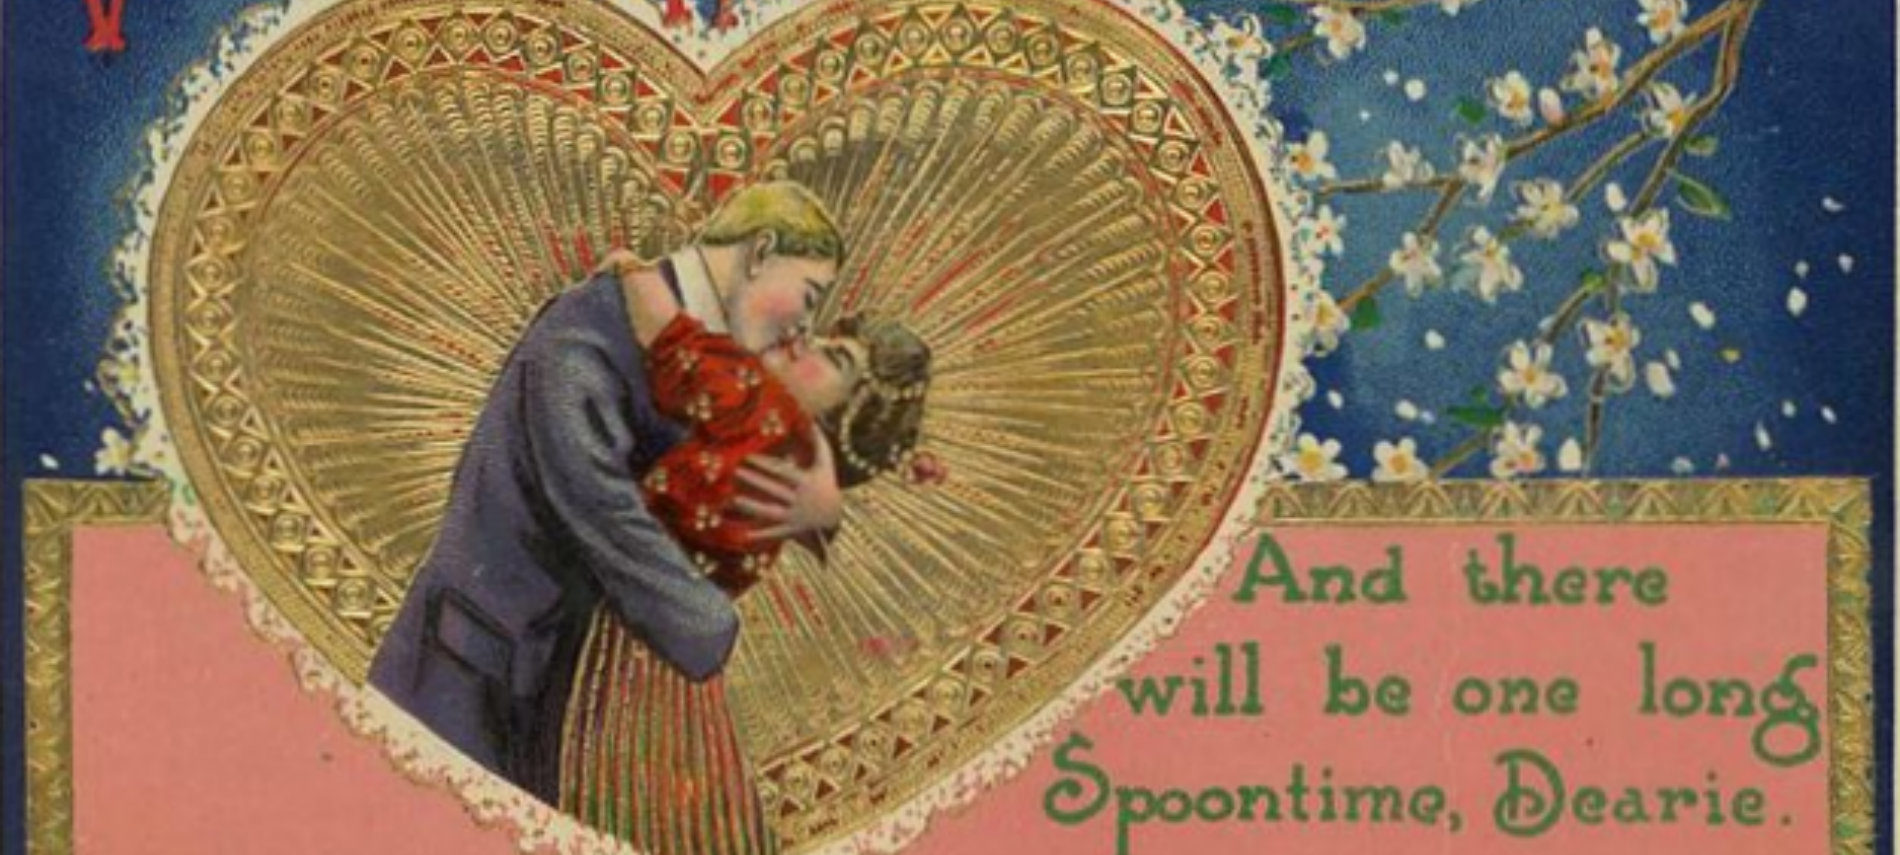 An antique valentine